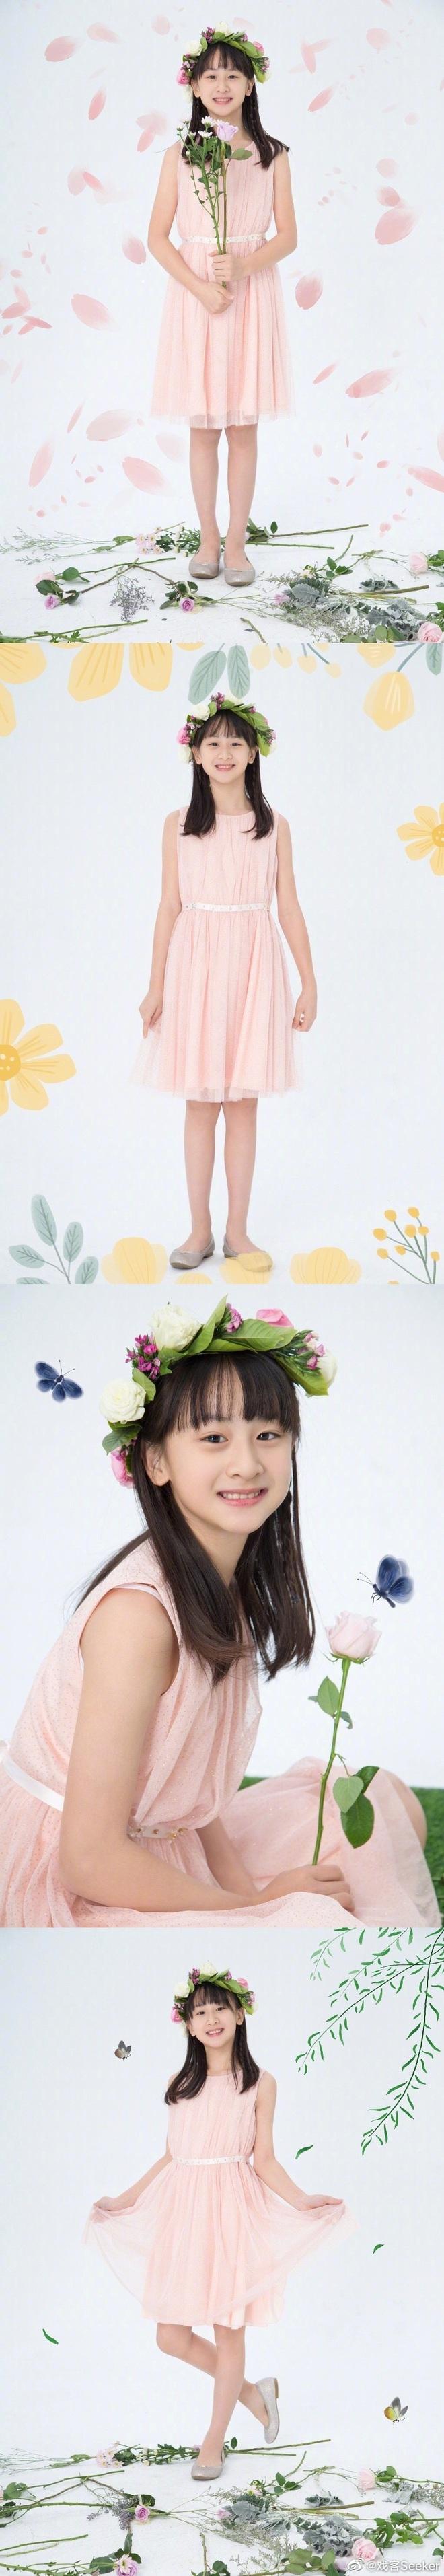 Top 1 trending Weibo: Sao nhí Bố ơi bản Trung gây sốt với chiều cao 1m70 không ai ngờ dù chỉ mới 11 tuổi - ảnh 9